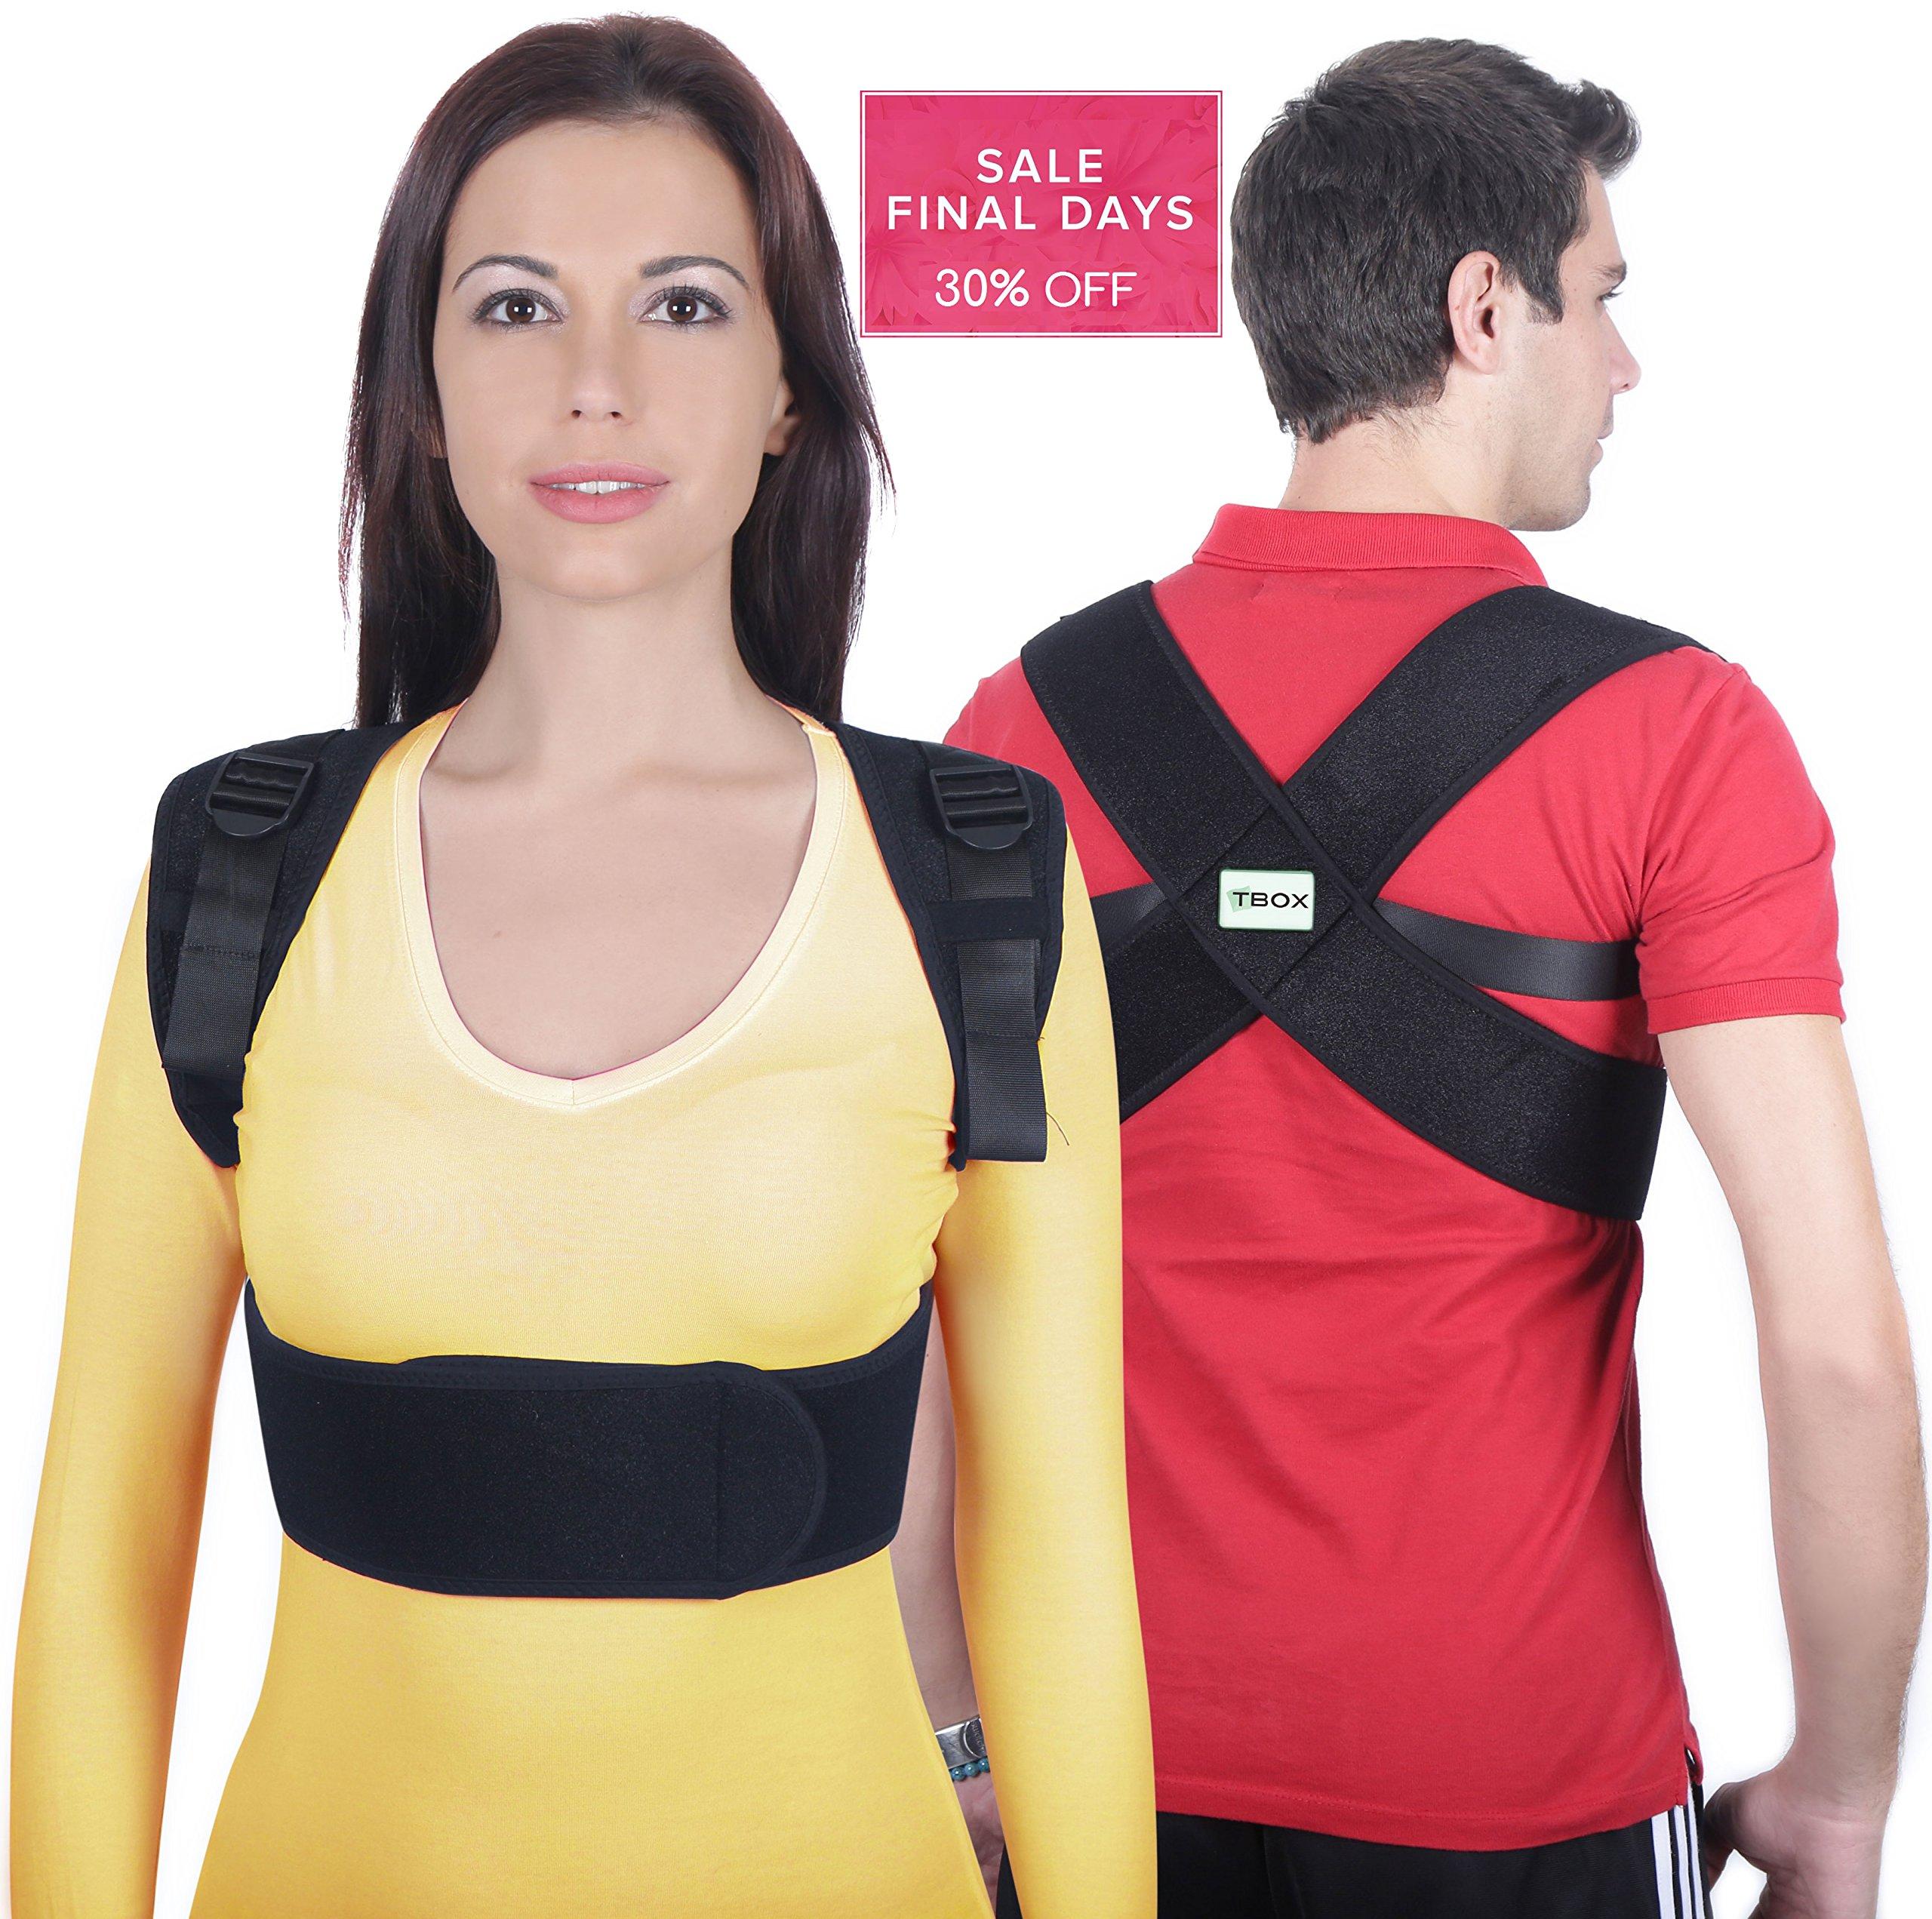 T-Box Posture Corrector for Women & Men - Medical Upper Back, Clavicle, Shoulder Support Brace - Figure 8 Design Improves Bad Posture, Hunchback, Thoracic Kyphosis, Forward Head, Back Pain Relief - R